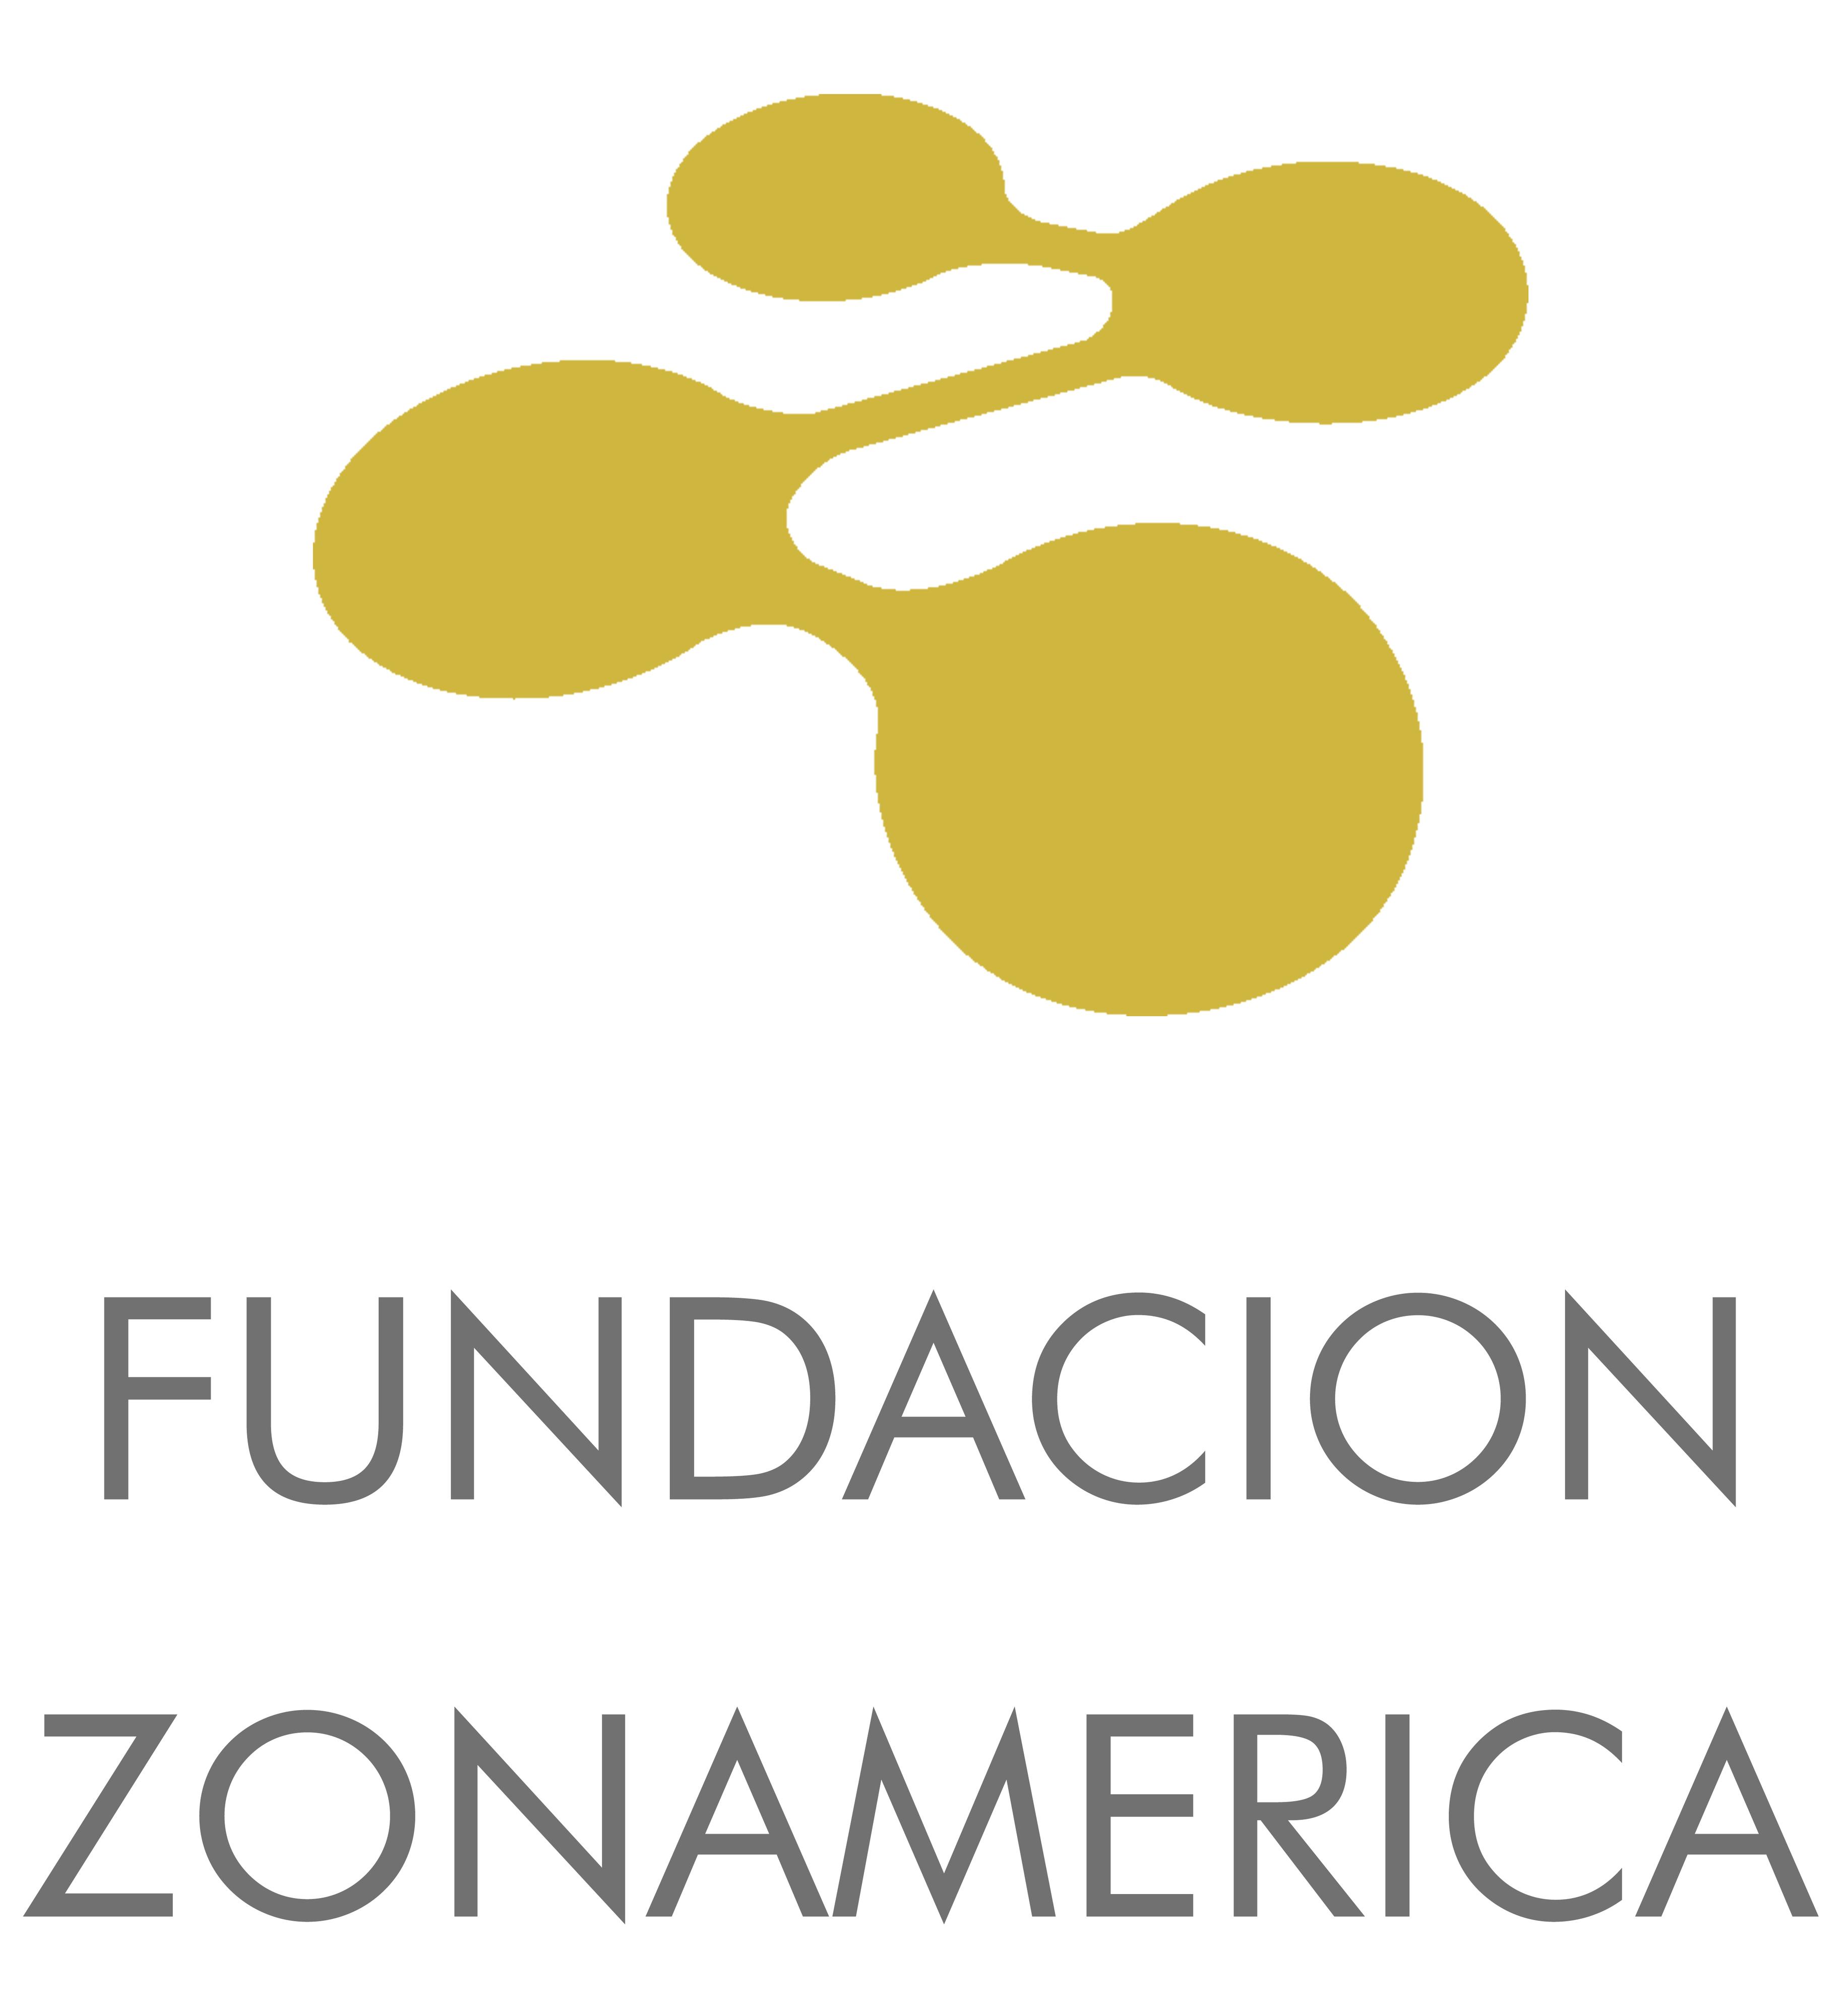 Funacion Zonamerica logo